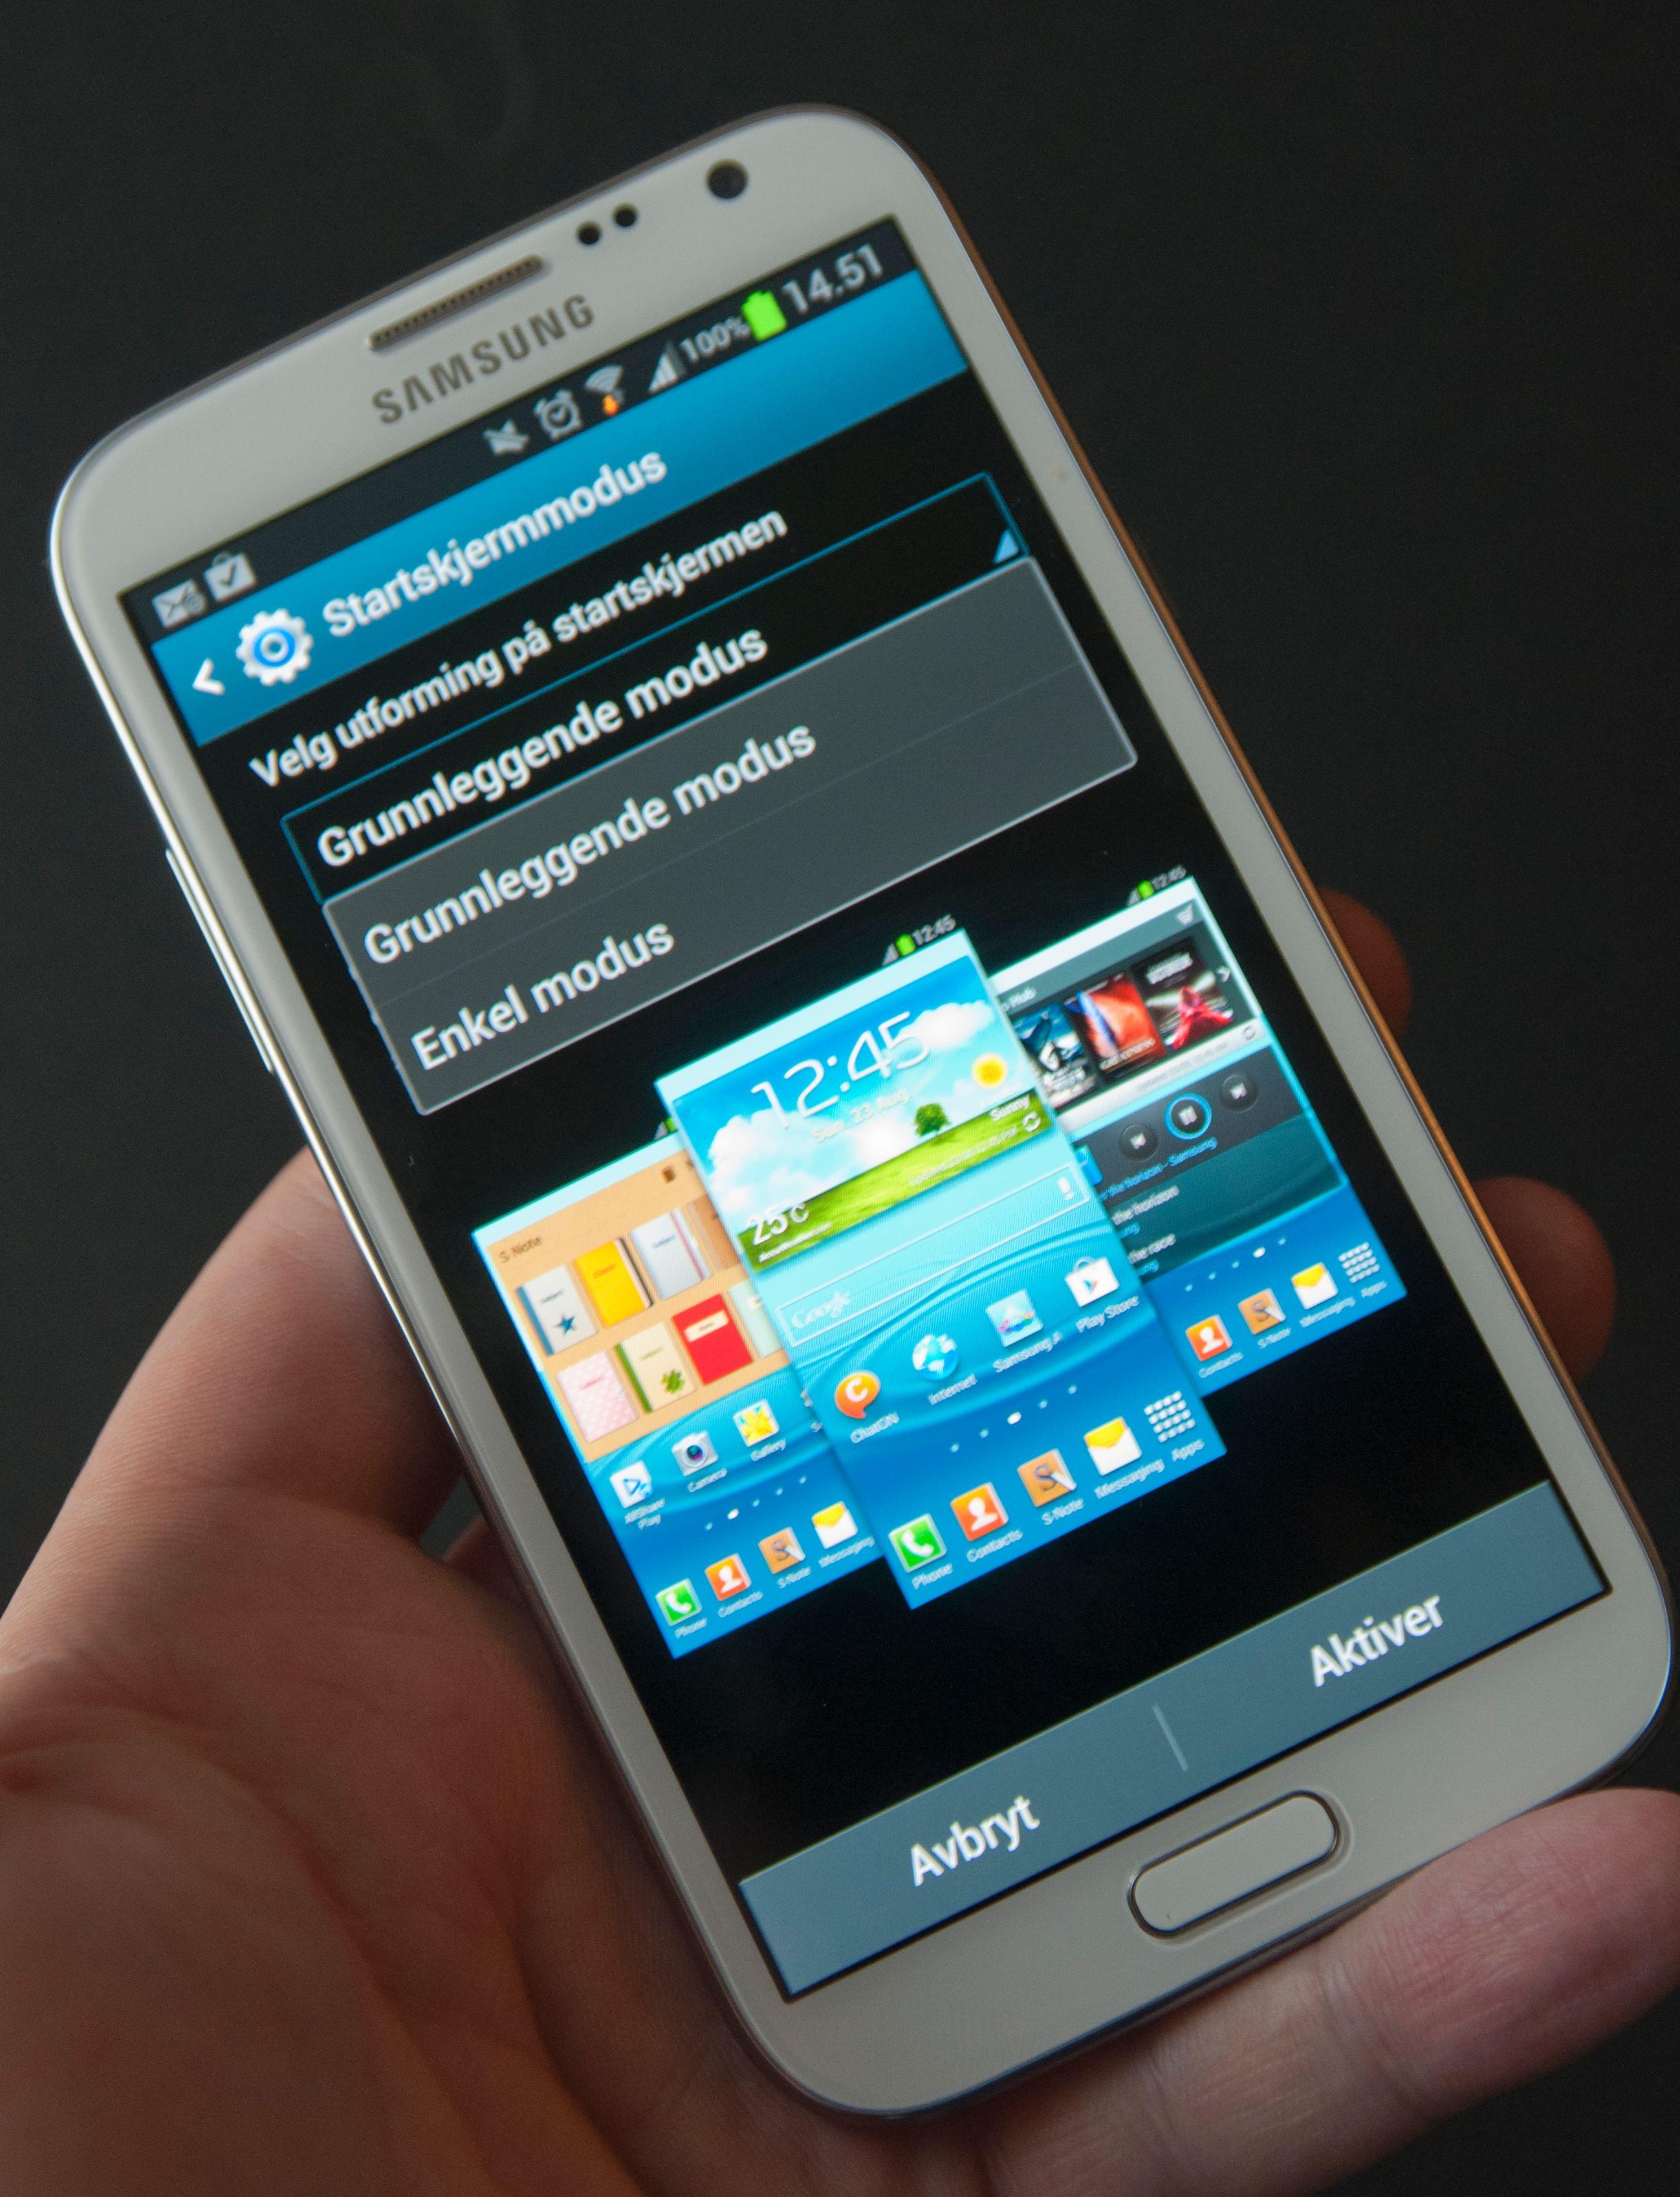 Synes du overgangen til smarttelefon virker komplisert? Da kan du velge en forenklet måte å bruke Galaxy Note II på.Foto: Finn Jarle Kvalheim, Amobil.no